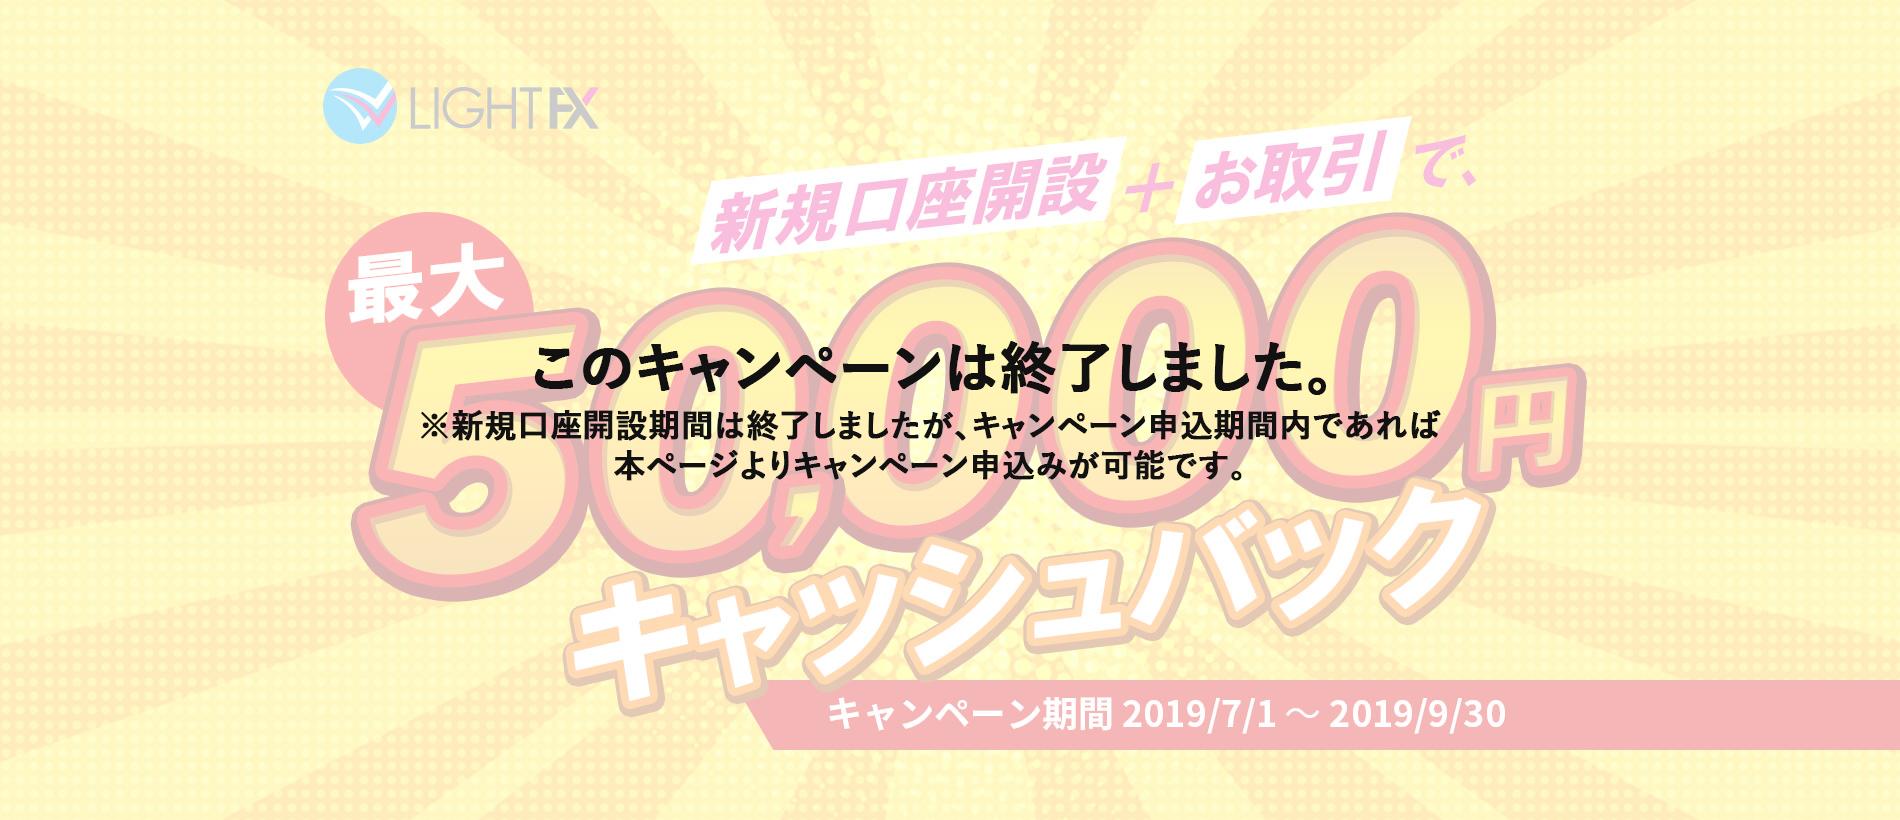 新規口座開設50,000円キャッシュバック